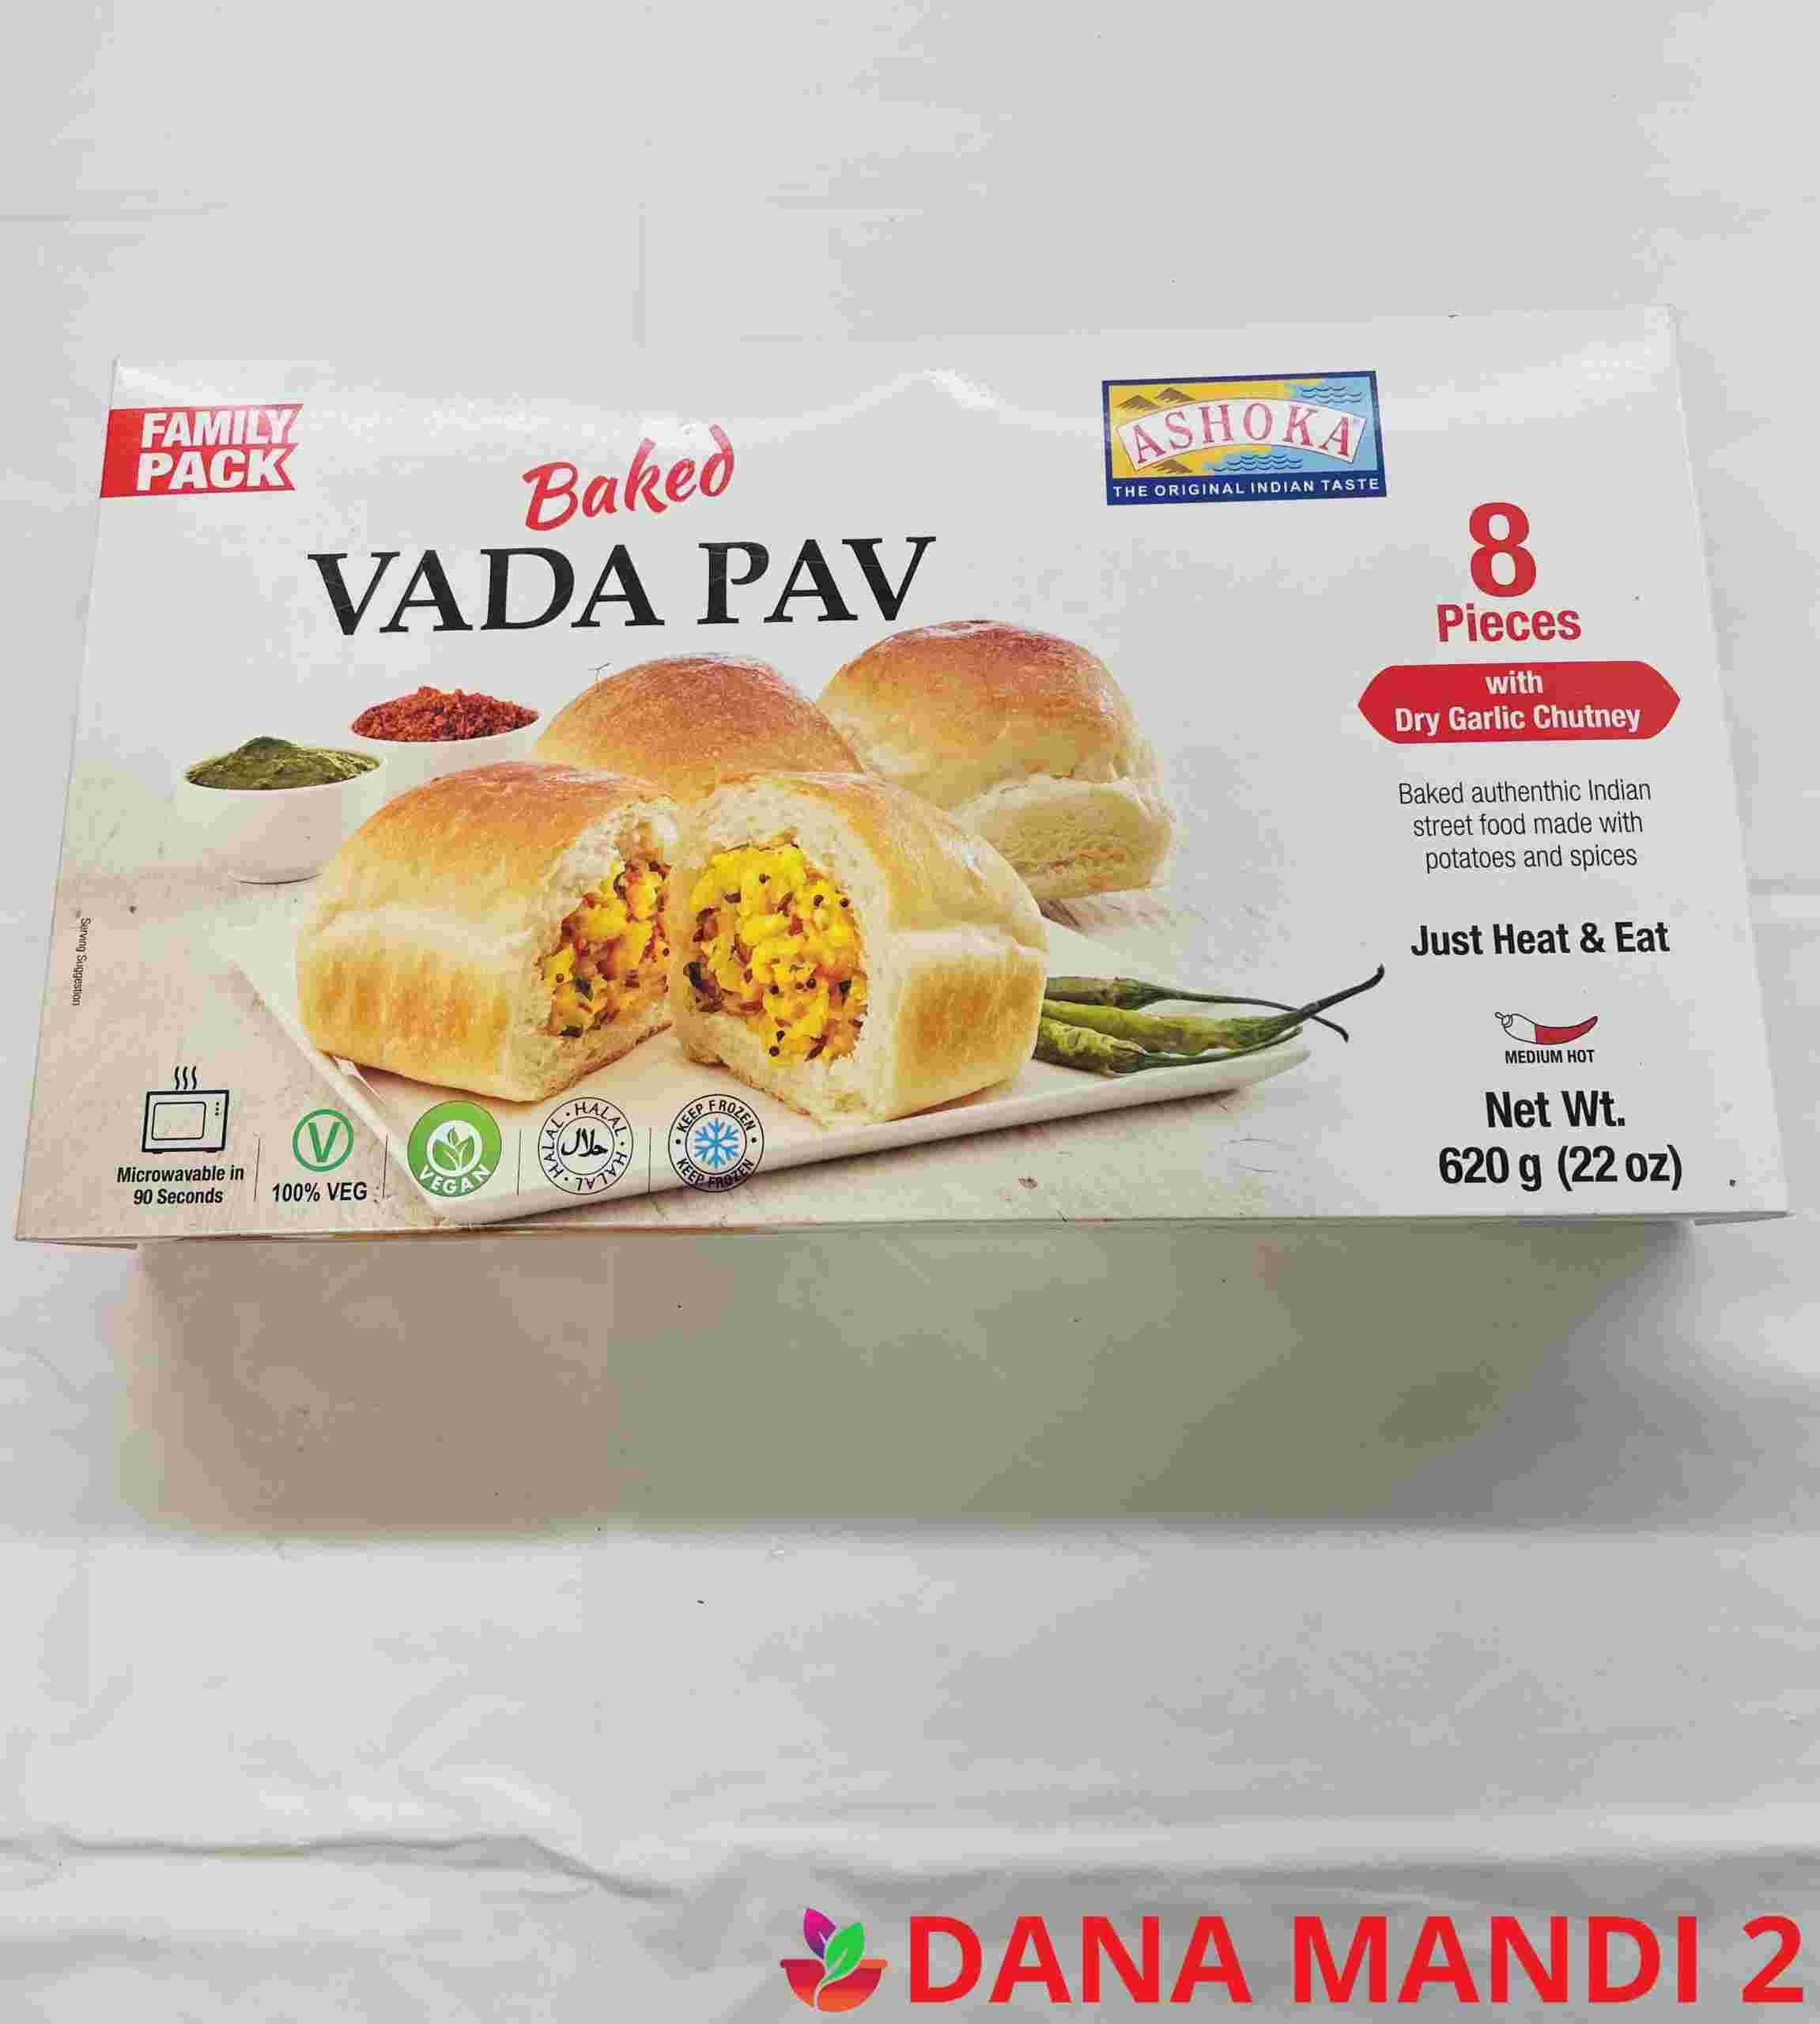 Ashoka Vada Pav Backed 8 Pieces